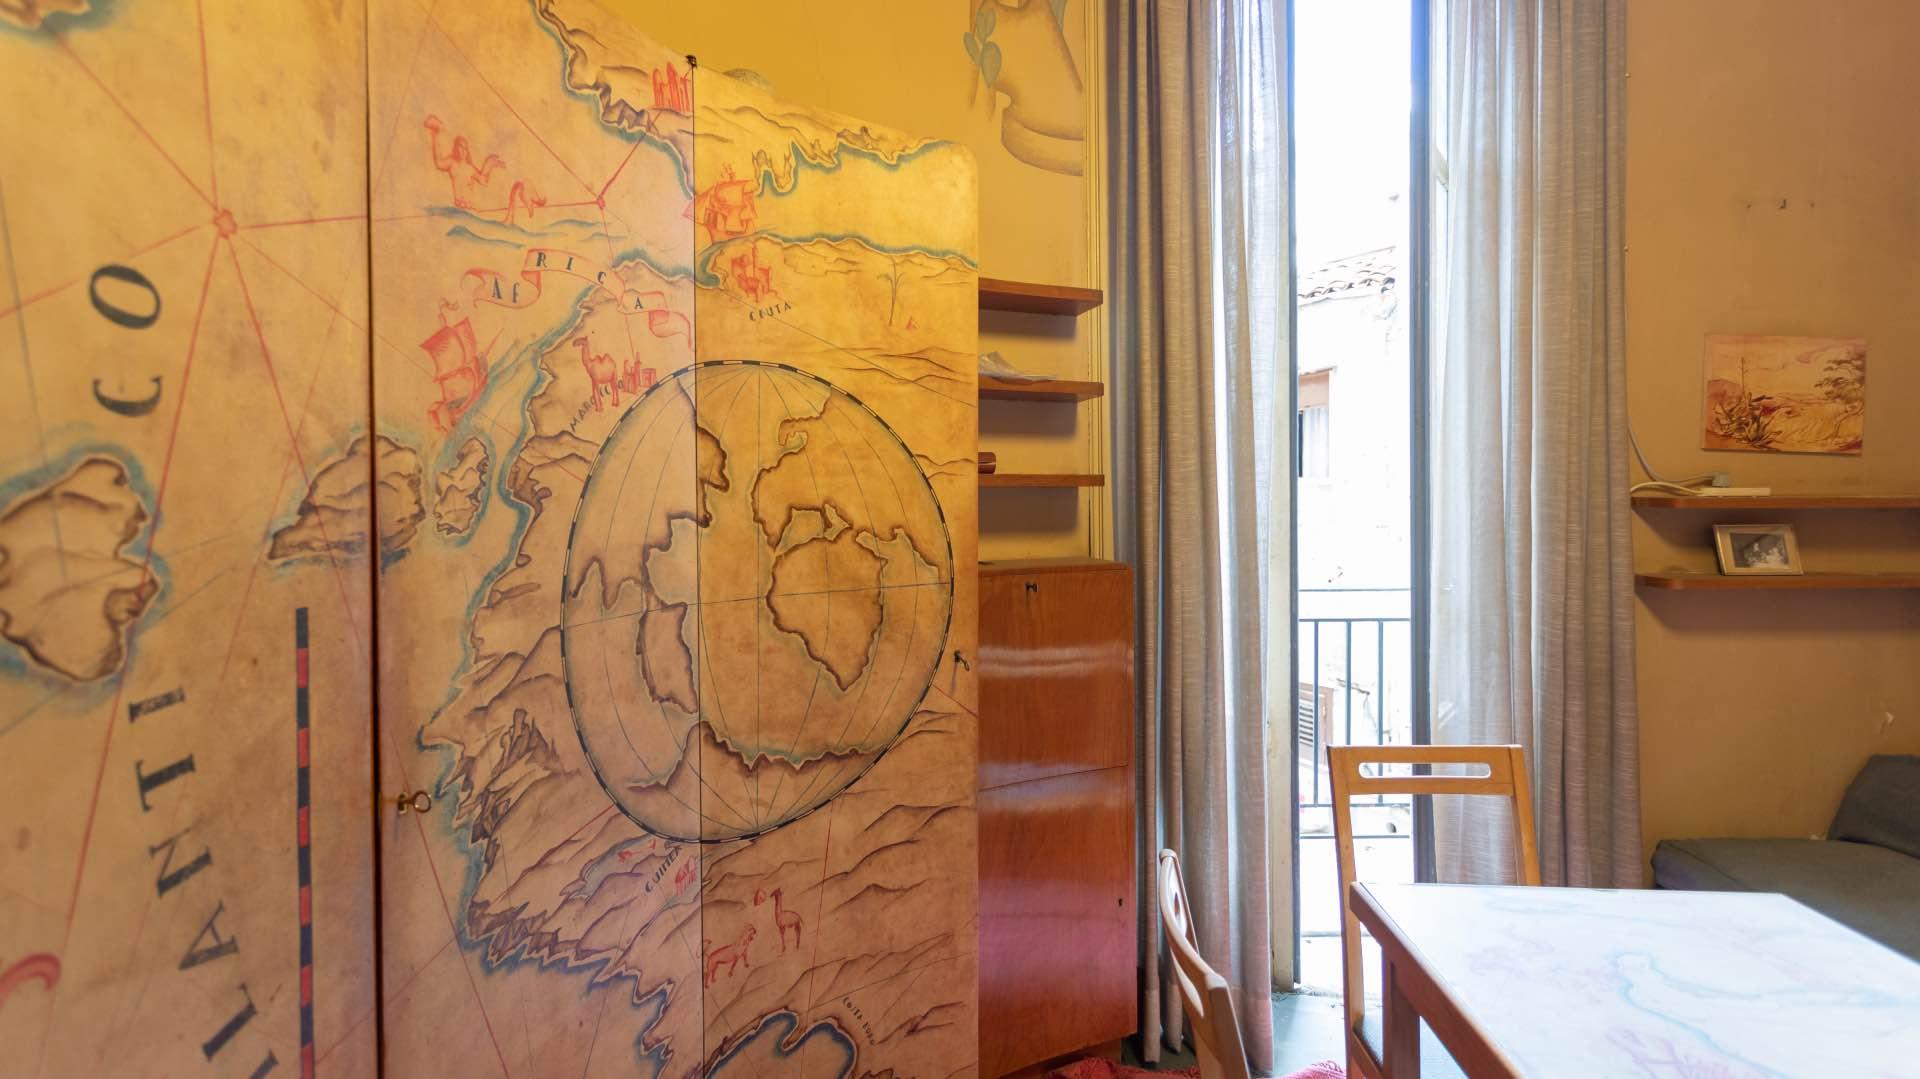 Casa savona camera dei bambini con armadio decorato le for Negozi arredamento casa savona